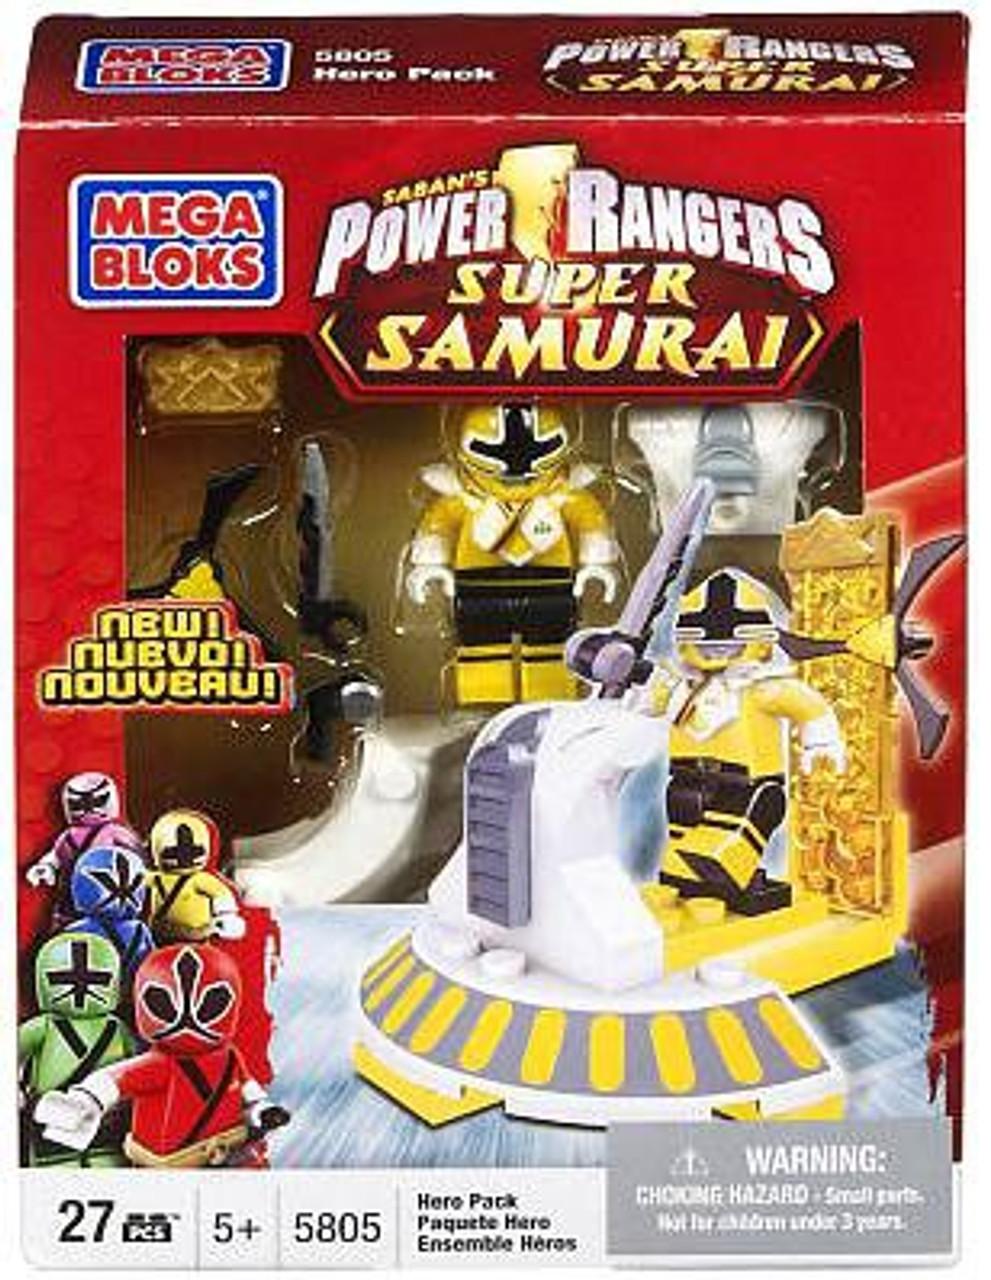 Mega Bloks RED RANGER HERO PACK Minifigure Power Rangers Super Samurai Boxed Set